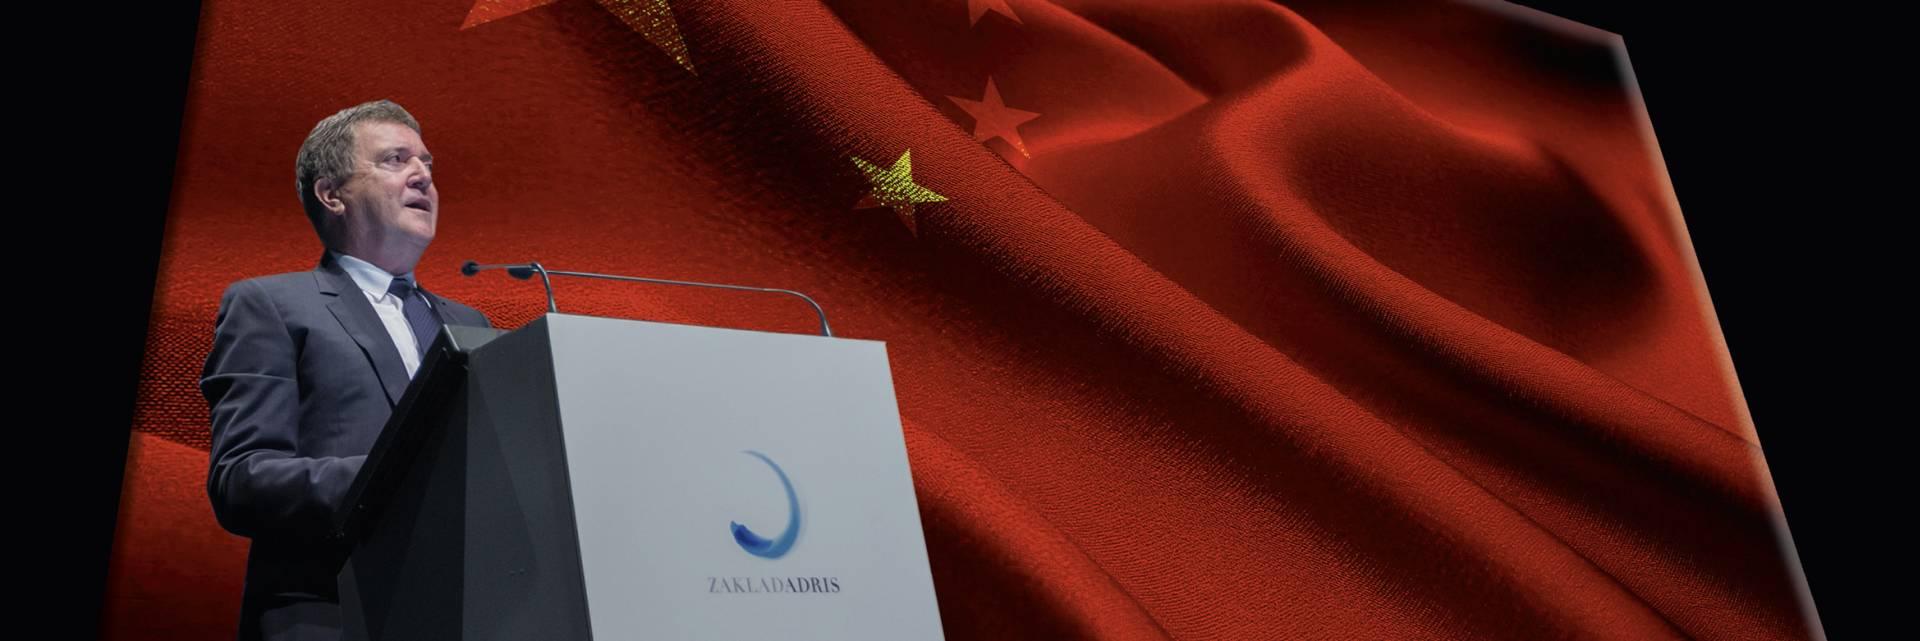 EKSKLUZIVNO U NACIONALU: BOŽIĆNI SASTANAK U PEKINGU Vlahović prodaje TDR Kinezima za tri milijarde kuna